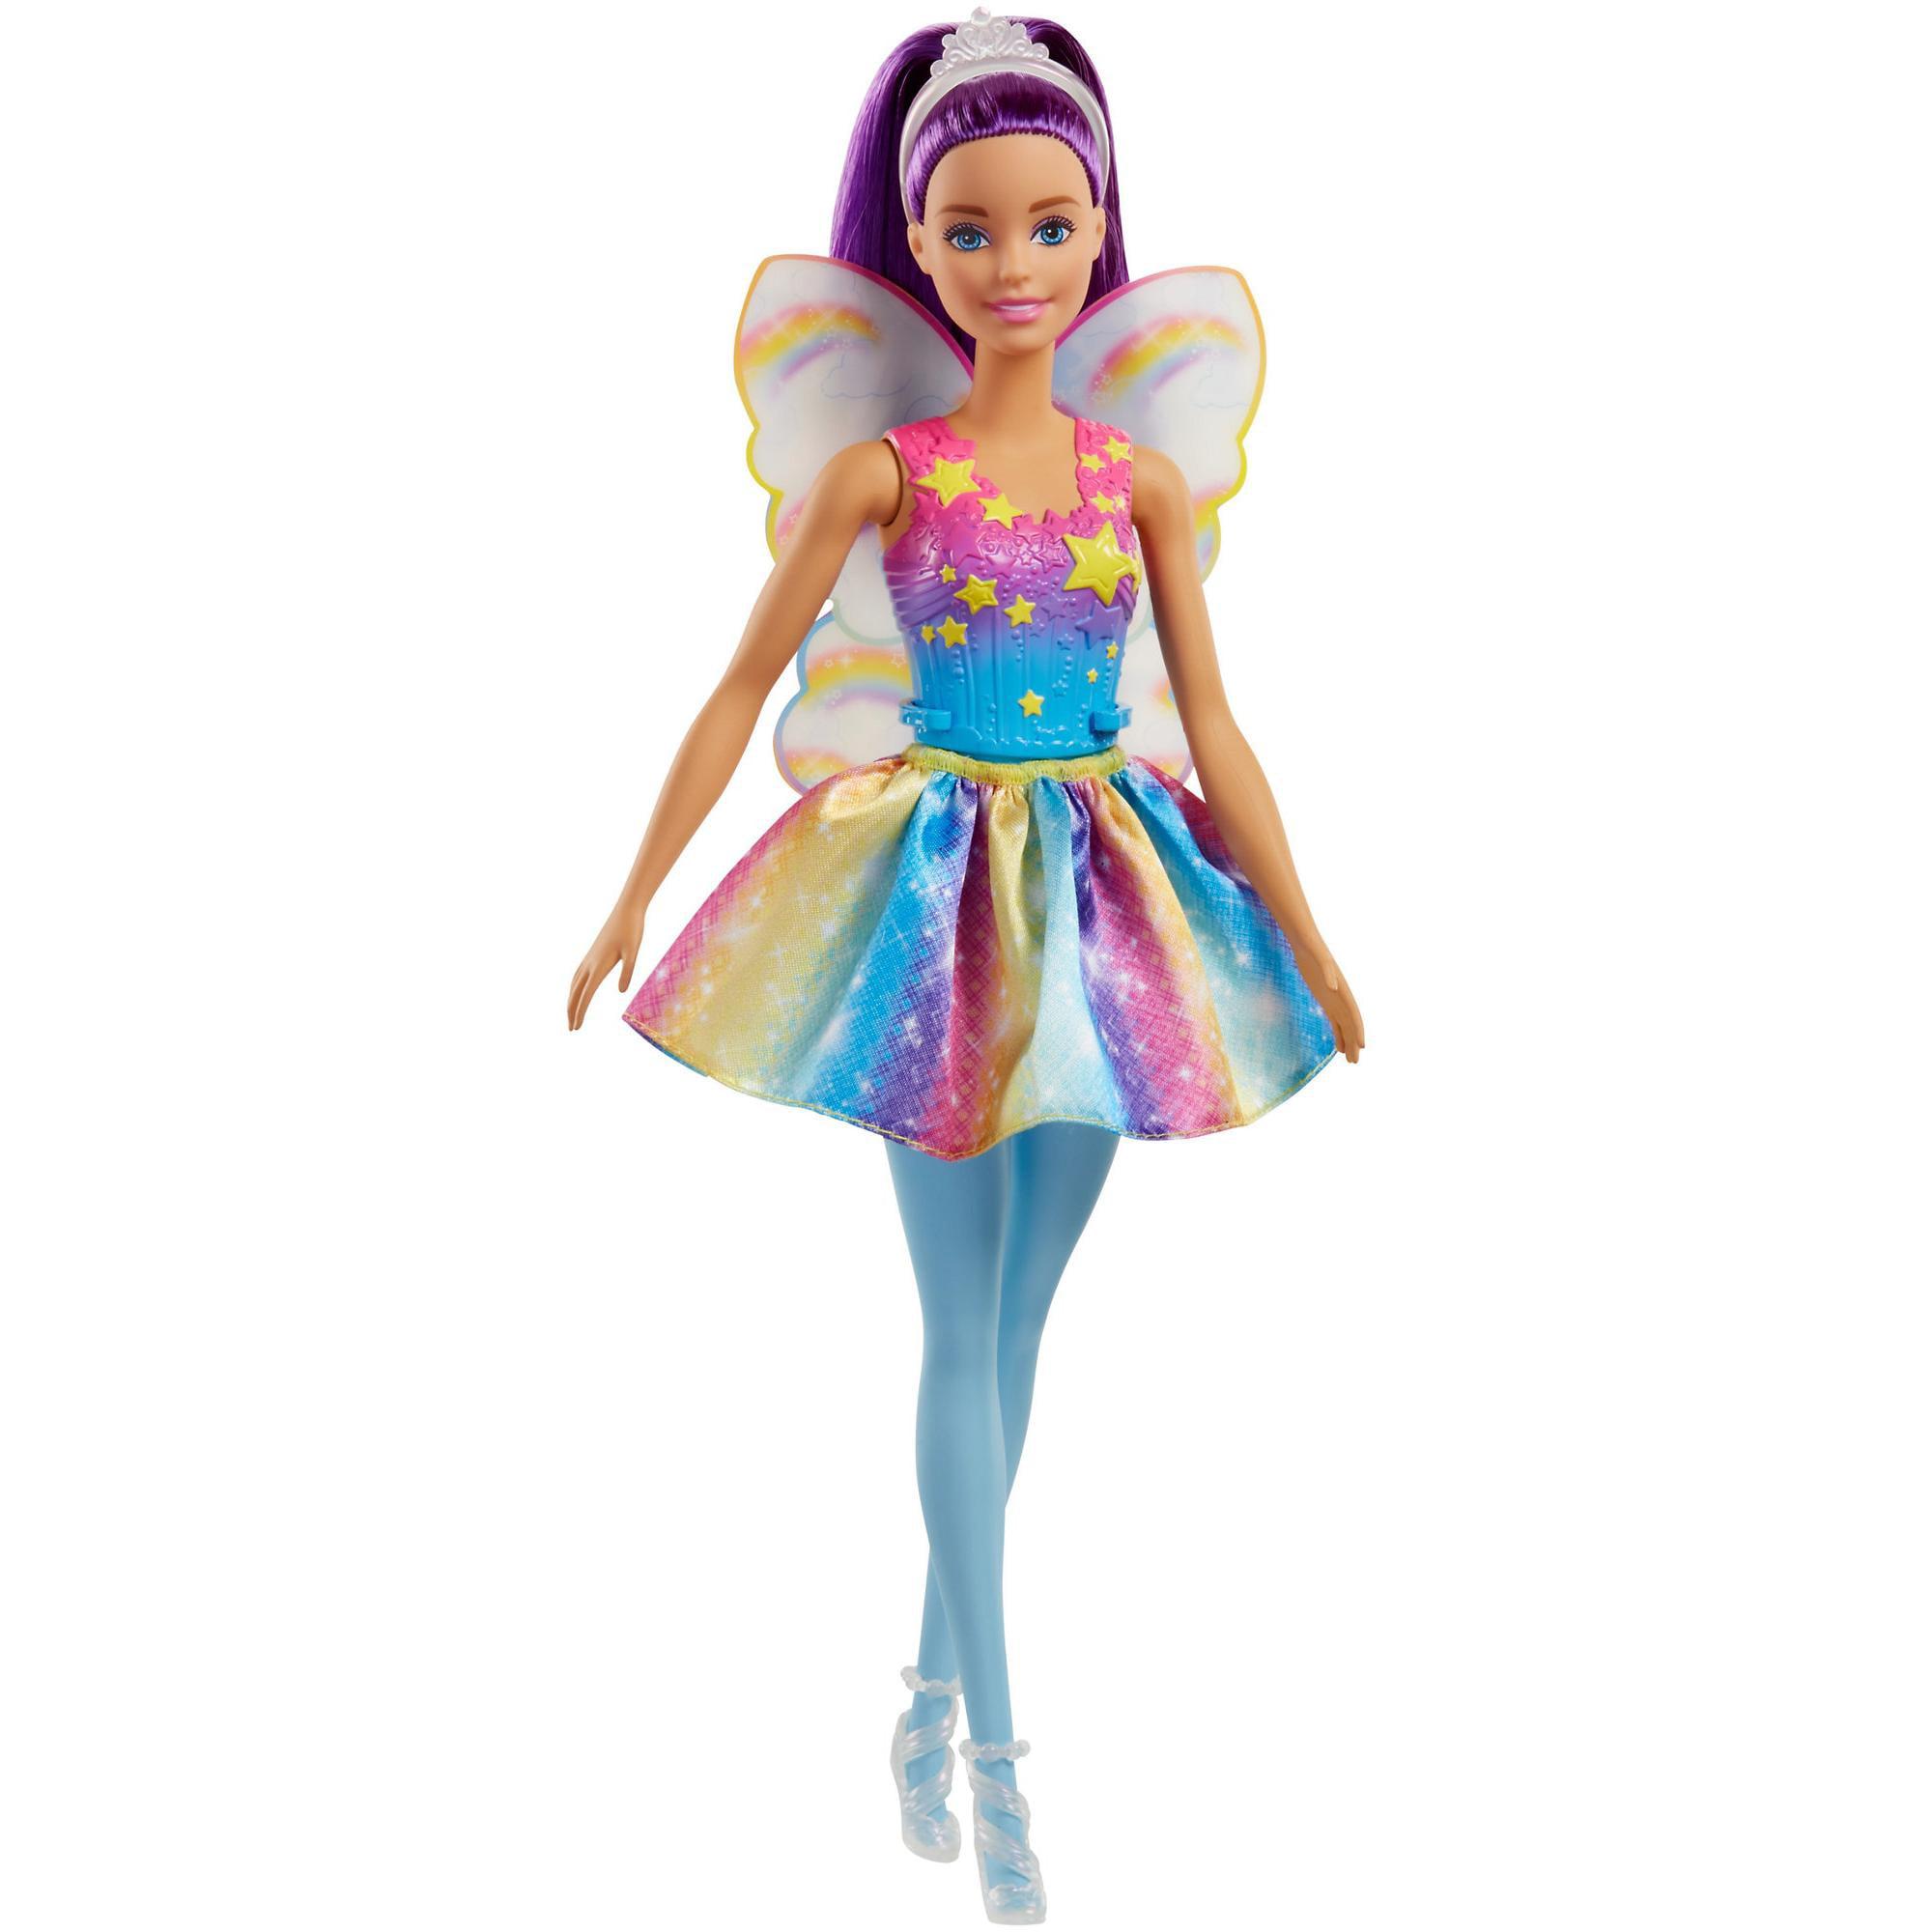 Barbie Dreamtopia Fairy Doll, Purple Hair